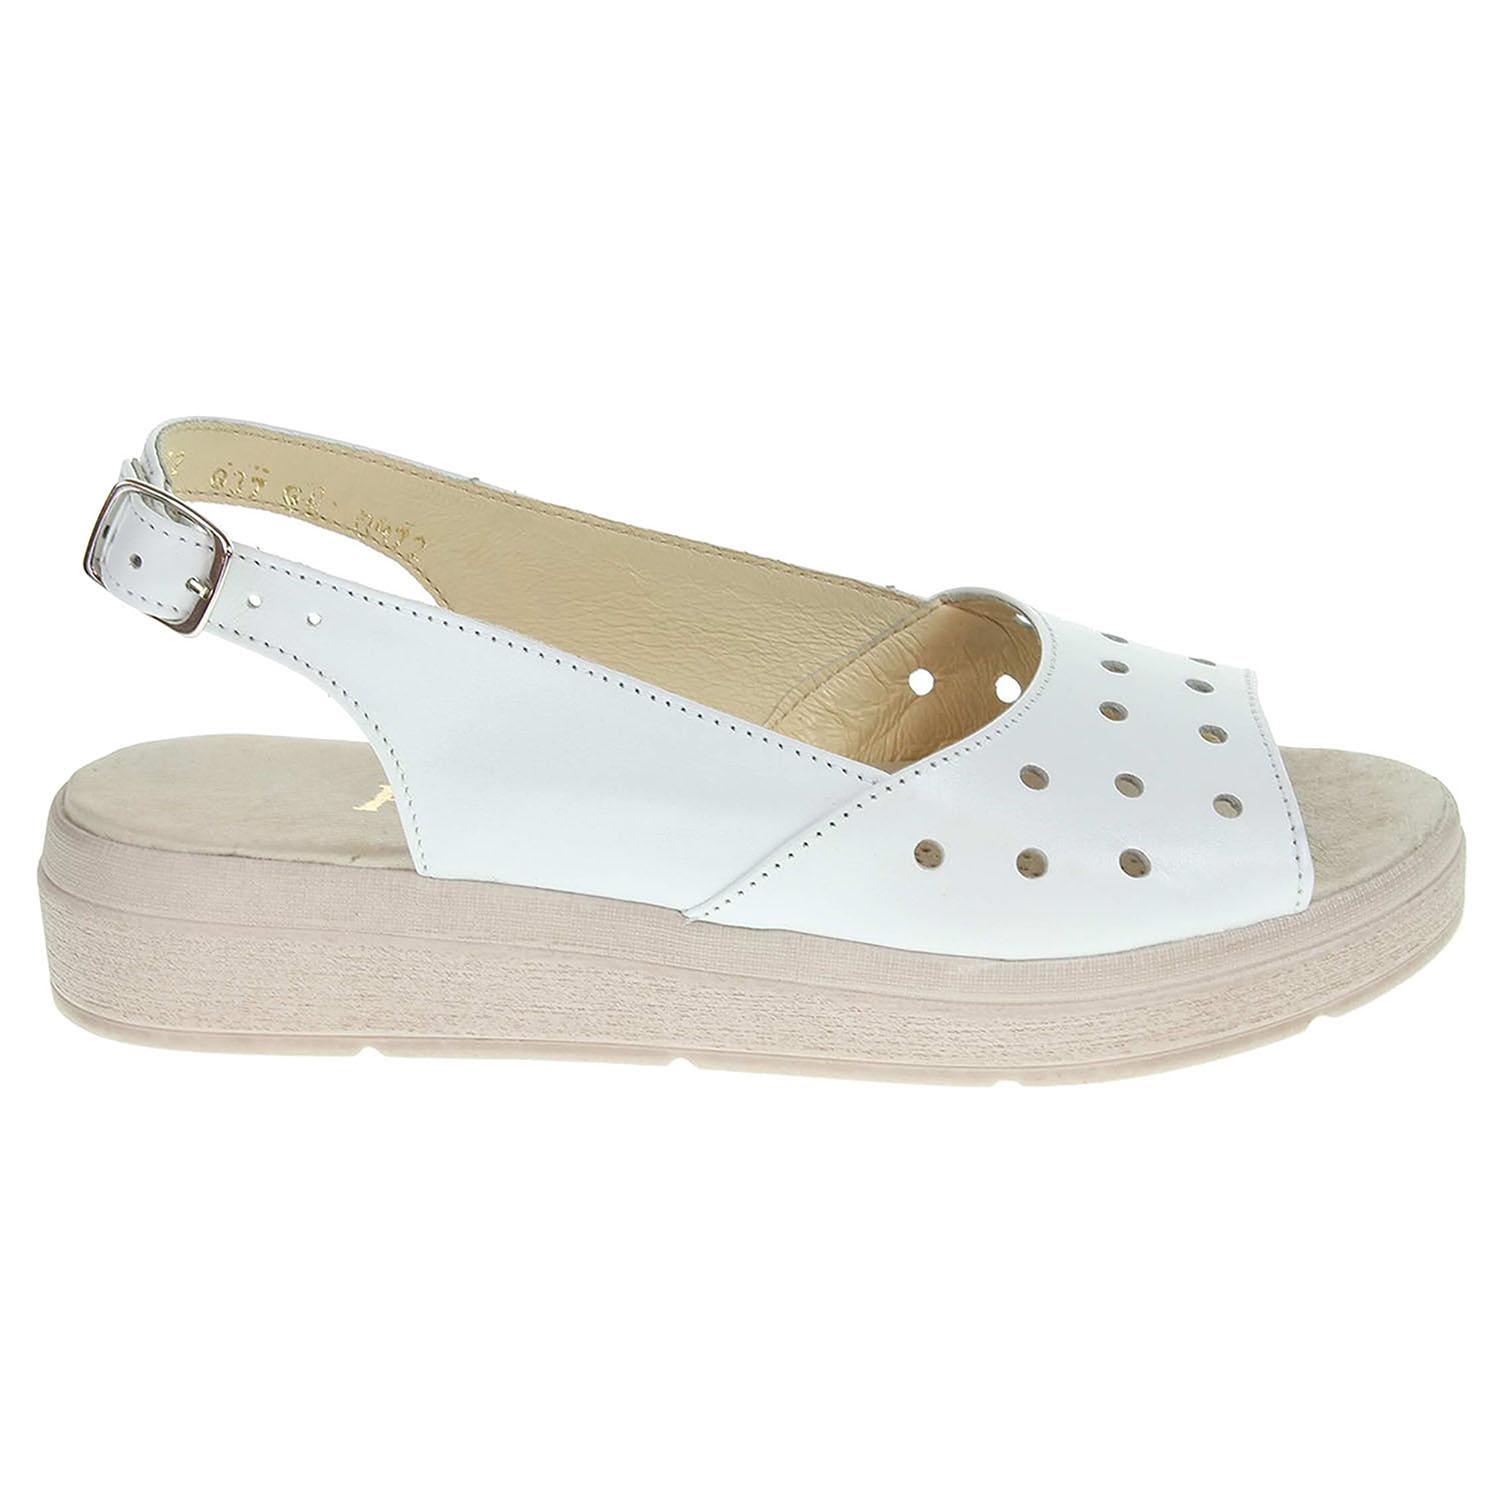 Dámské sandály J3472 bílé 37